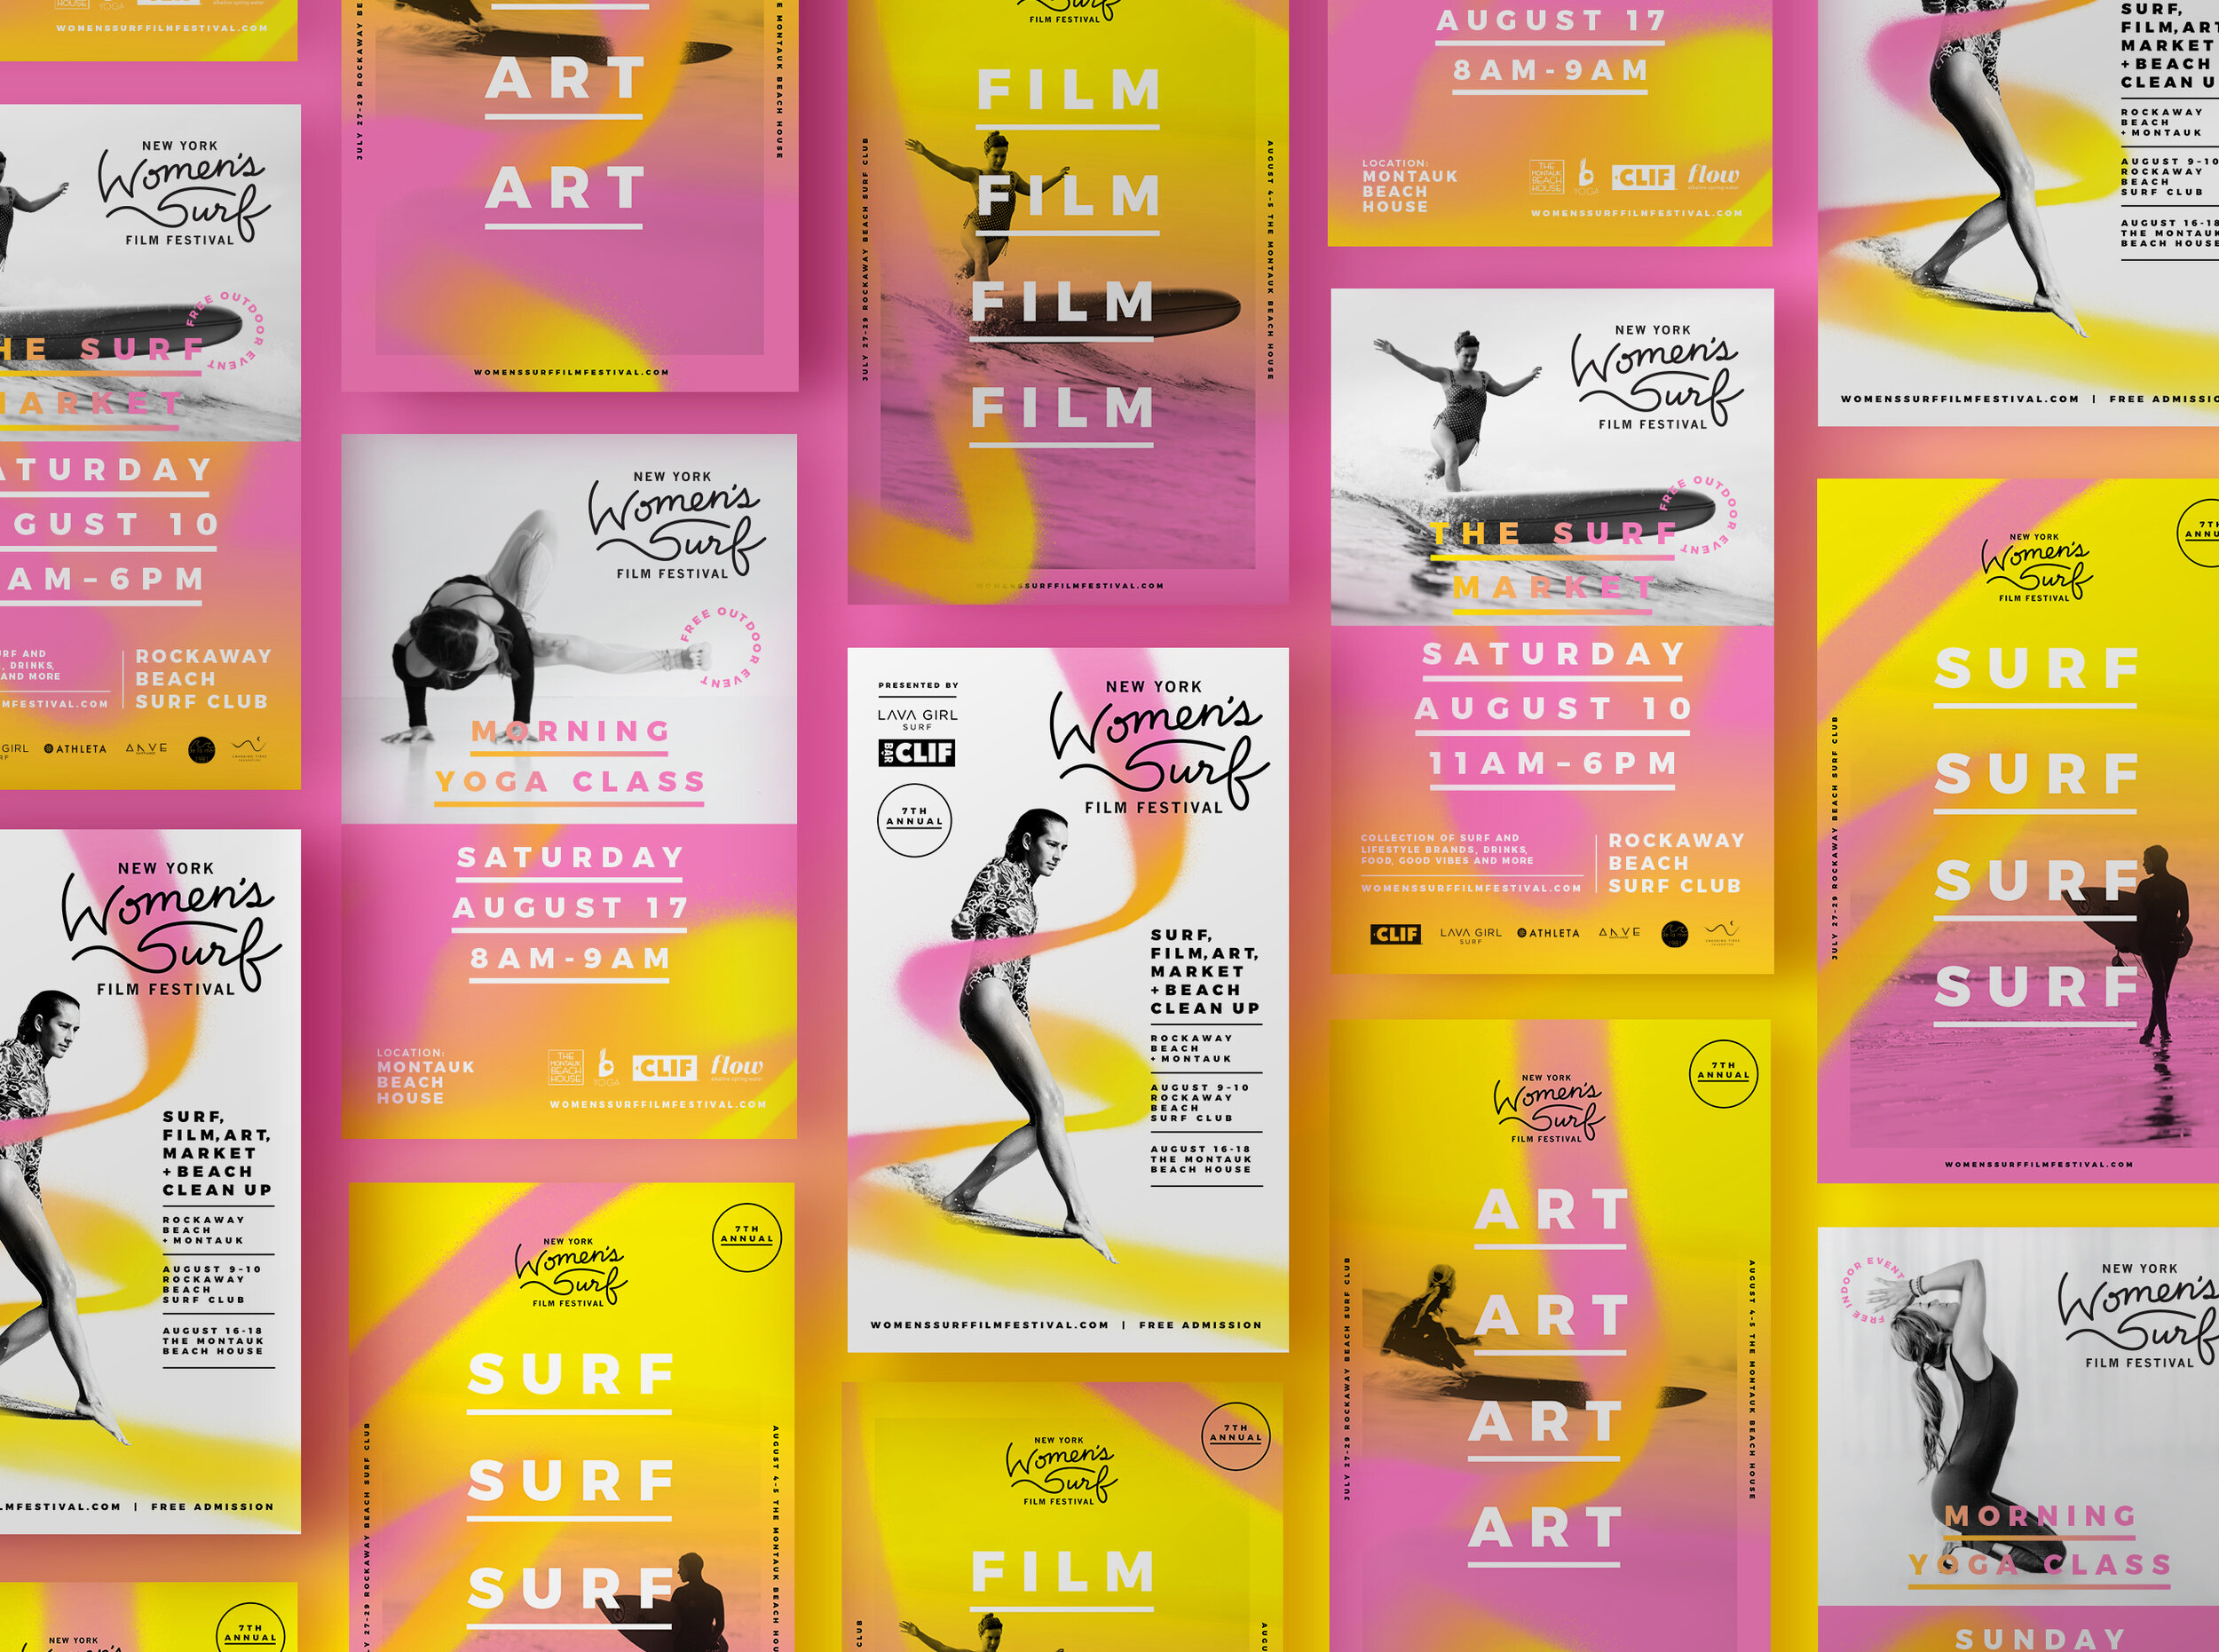 New York Women's Surf Film Festival